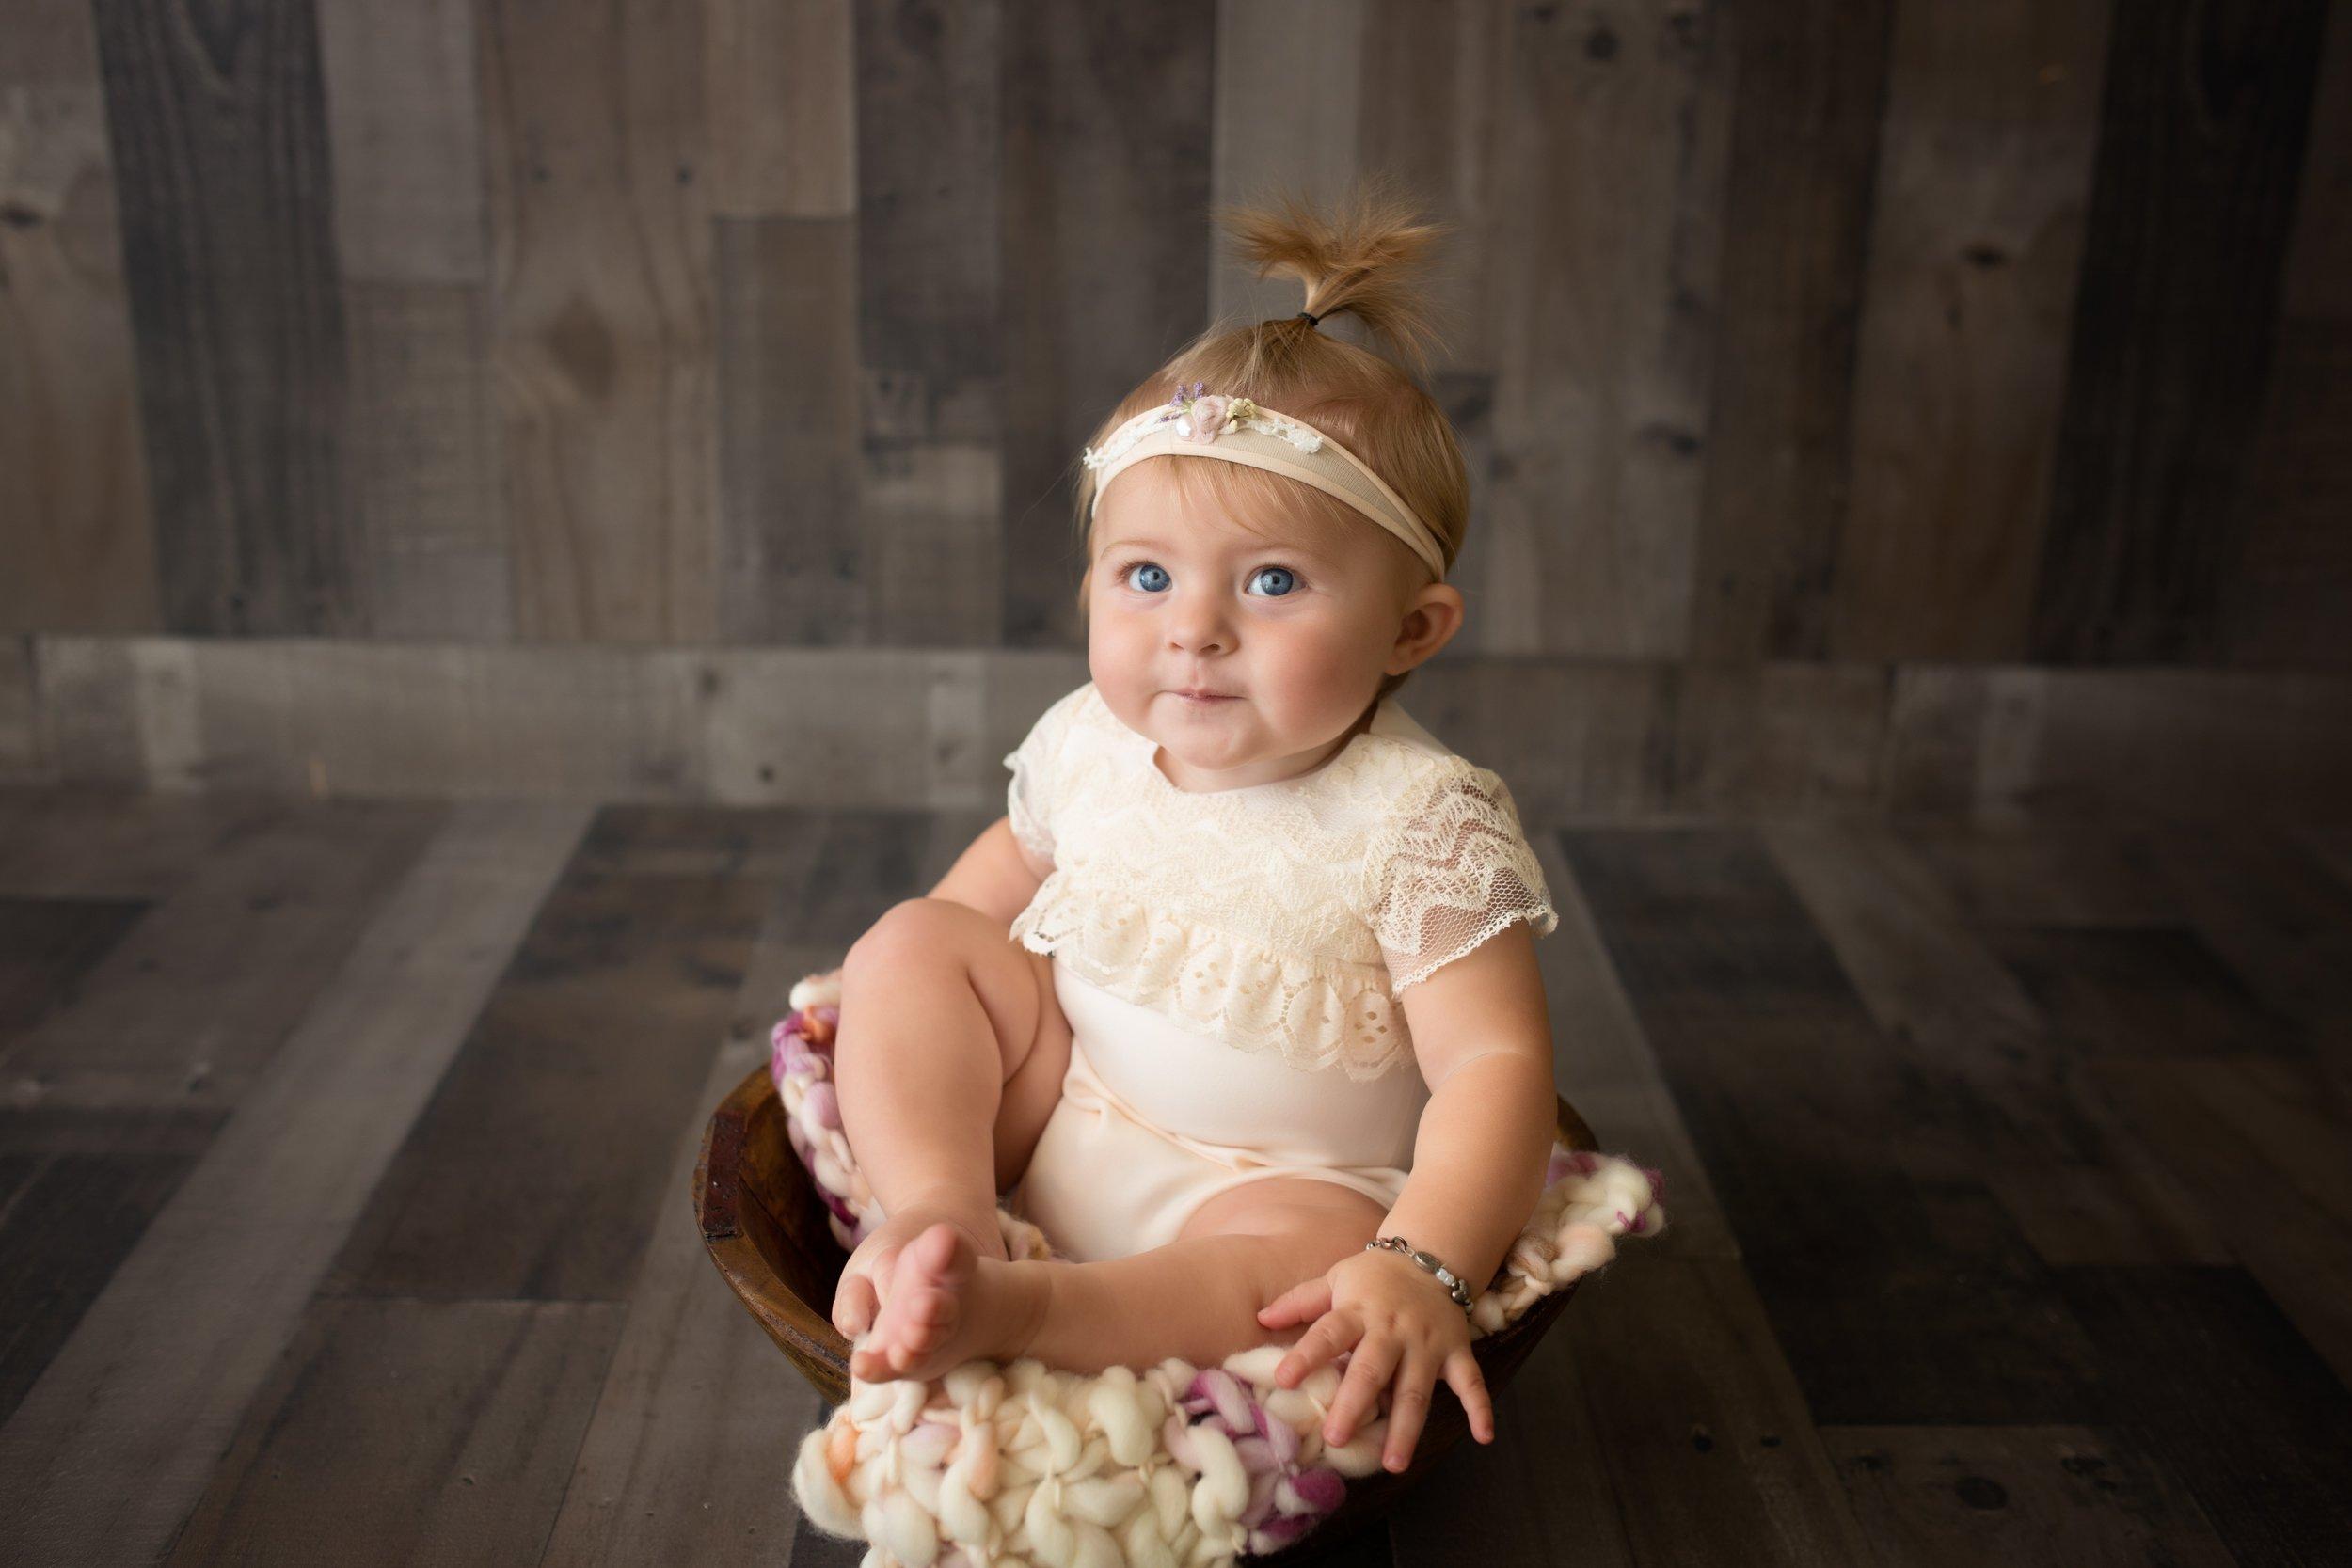 baby-photographer-morrilton-arkansas.jpg